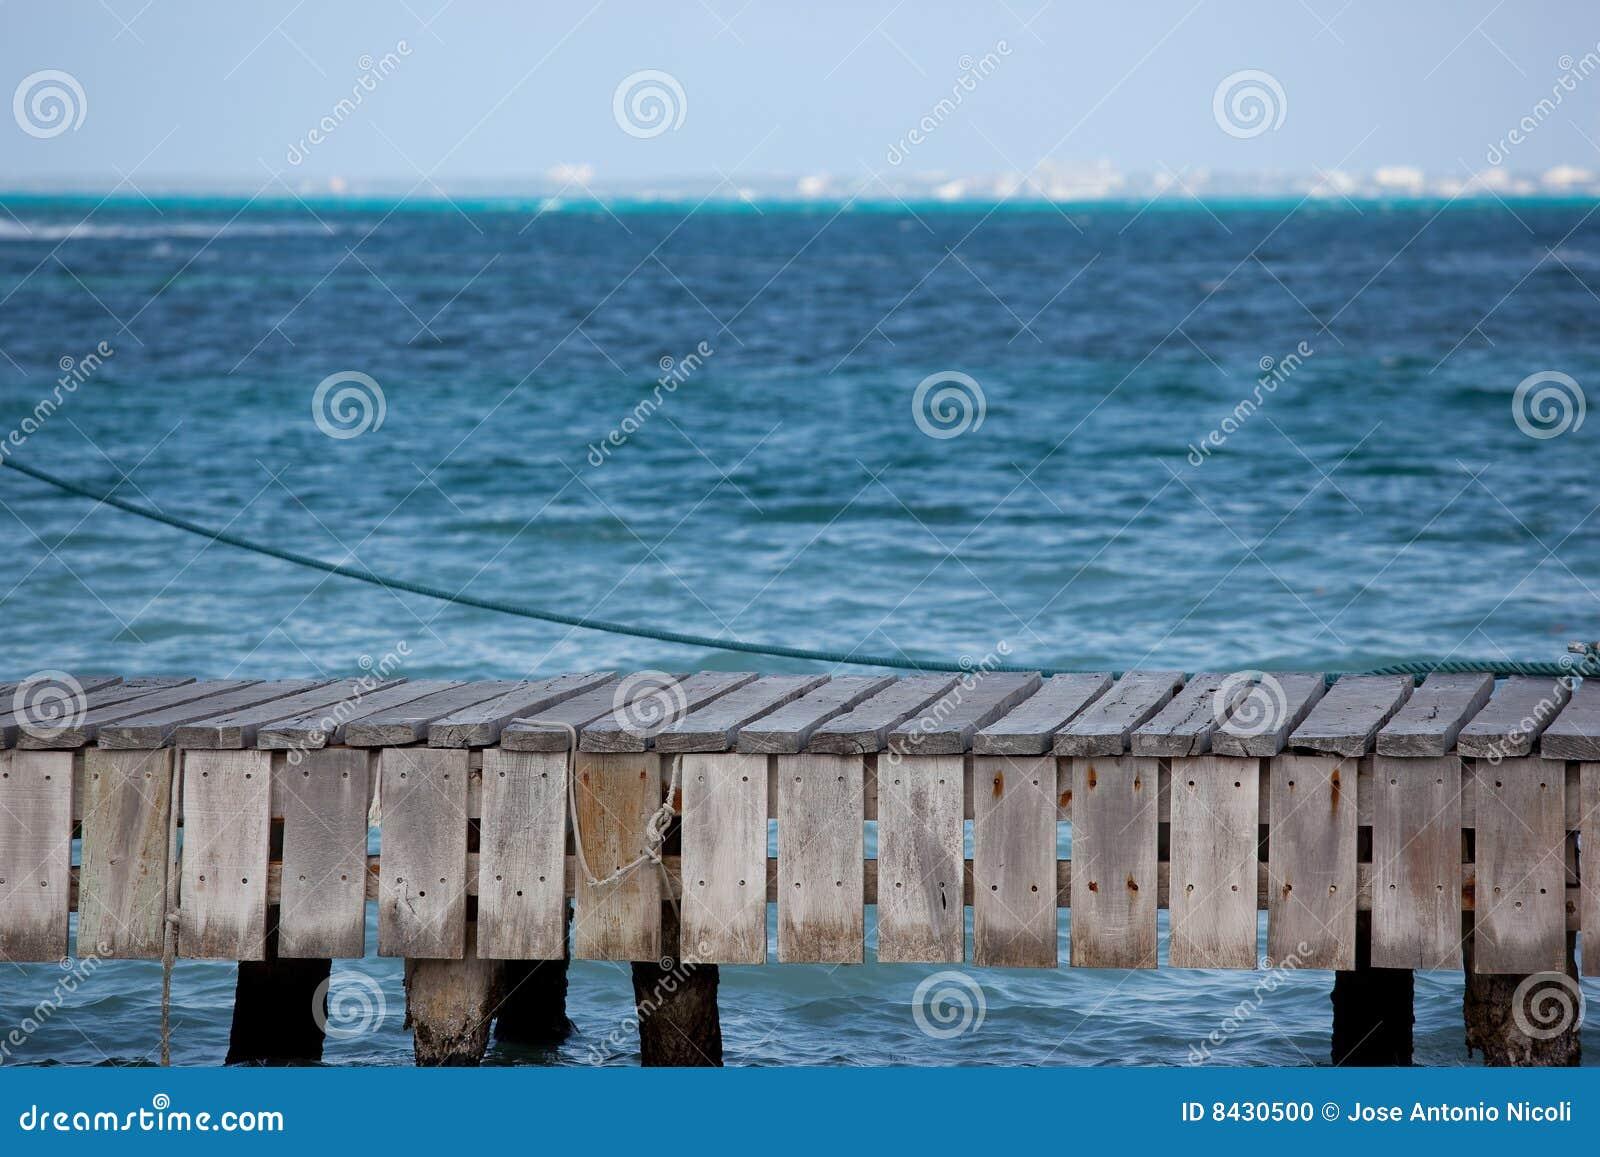 Pier by blue ocean